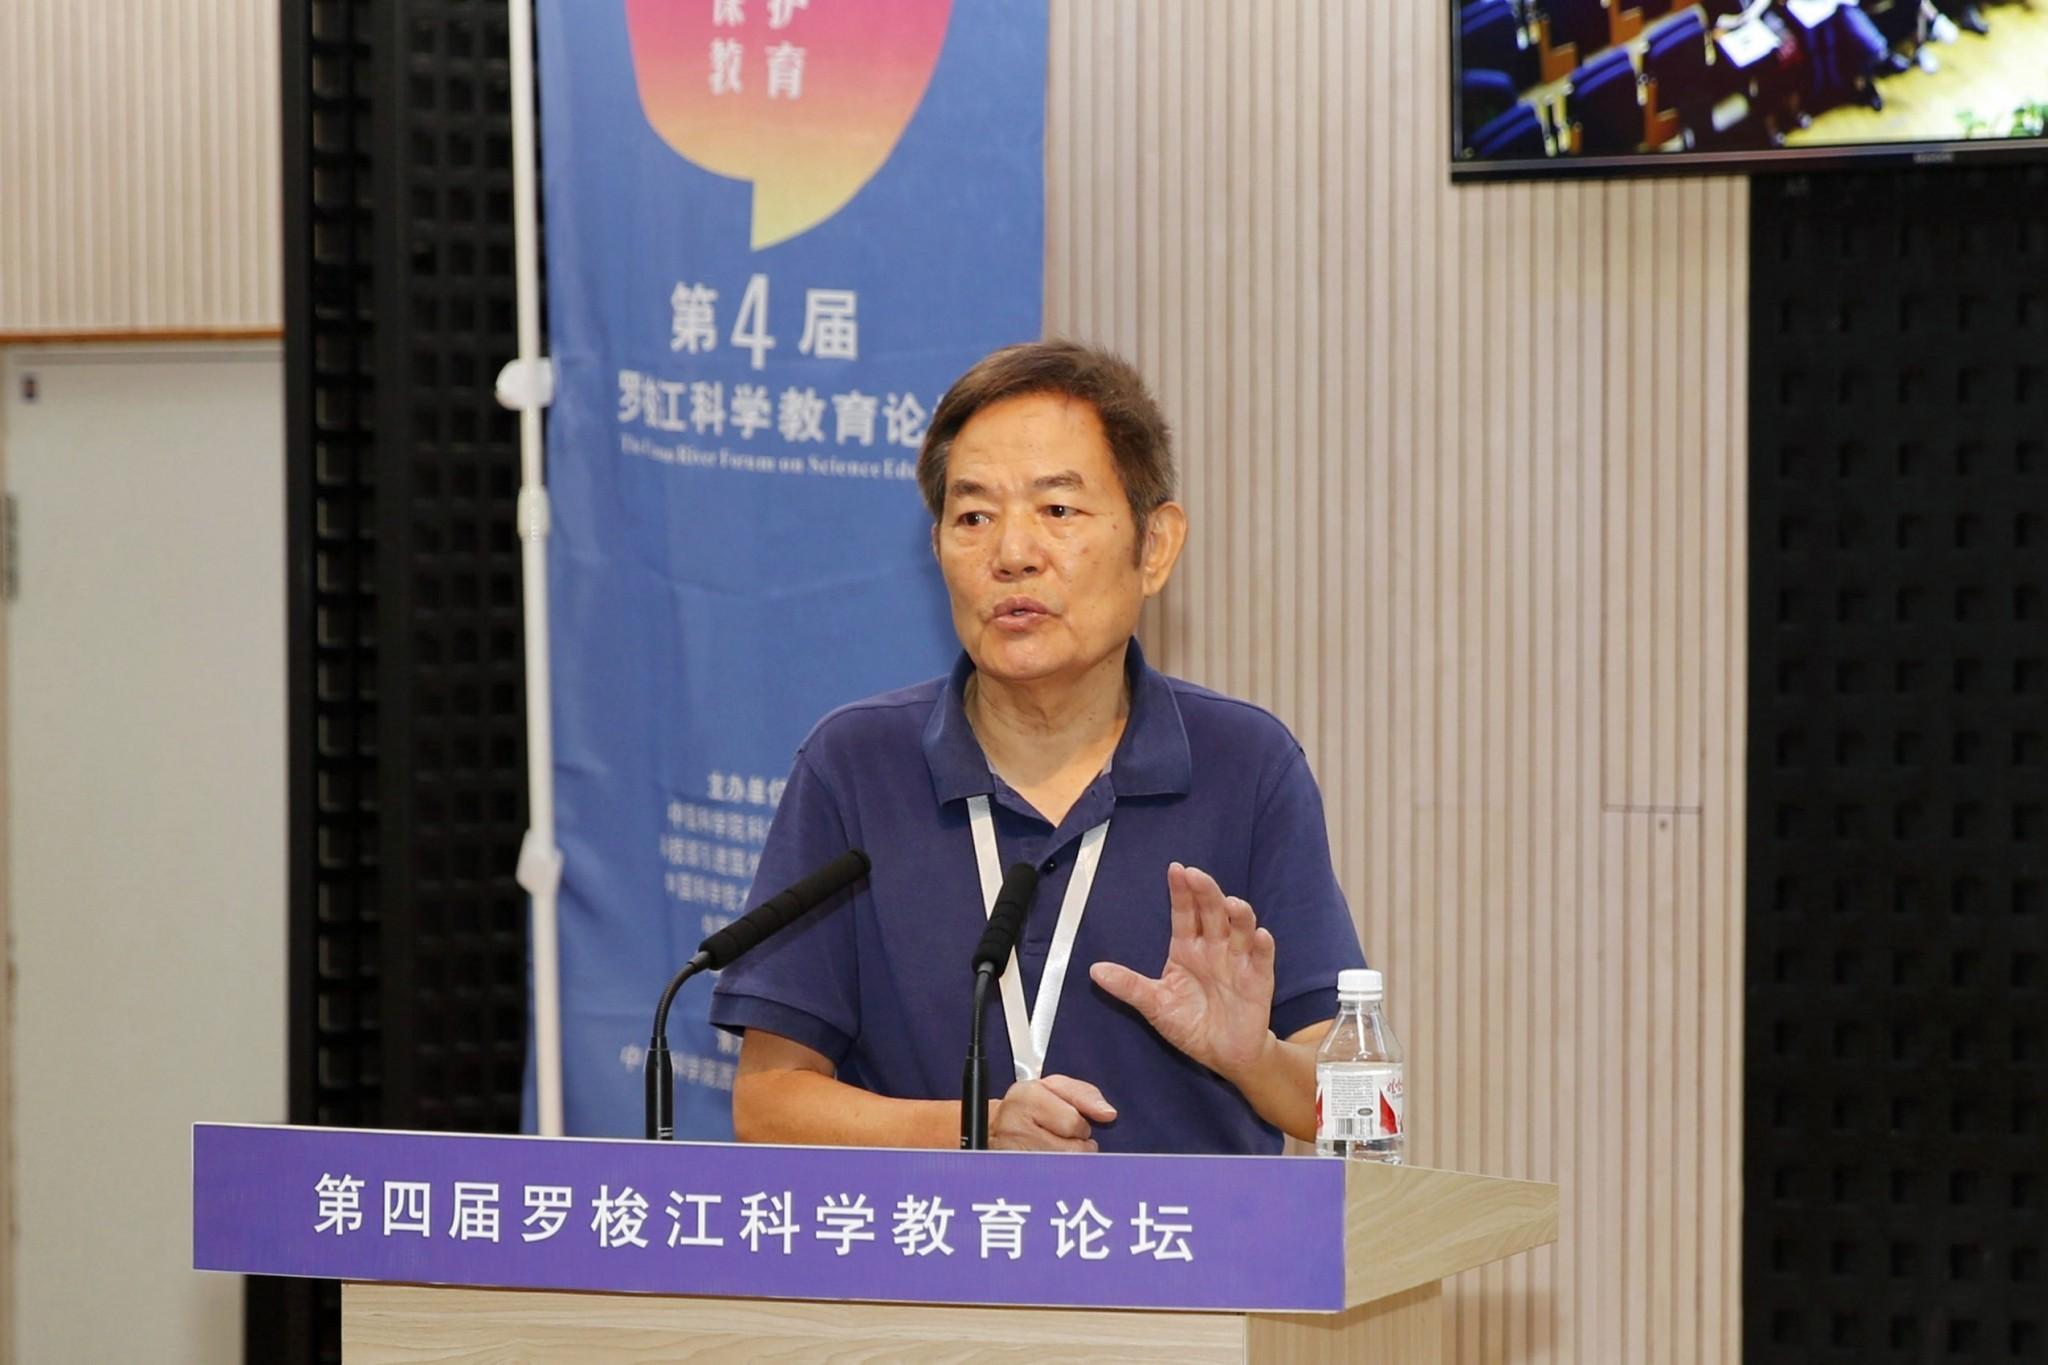 【大会报告】郭传杰:在自然教育中深入渗透科学教育